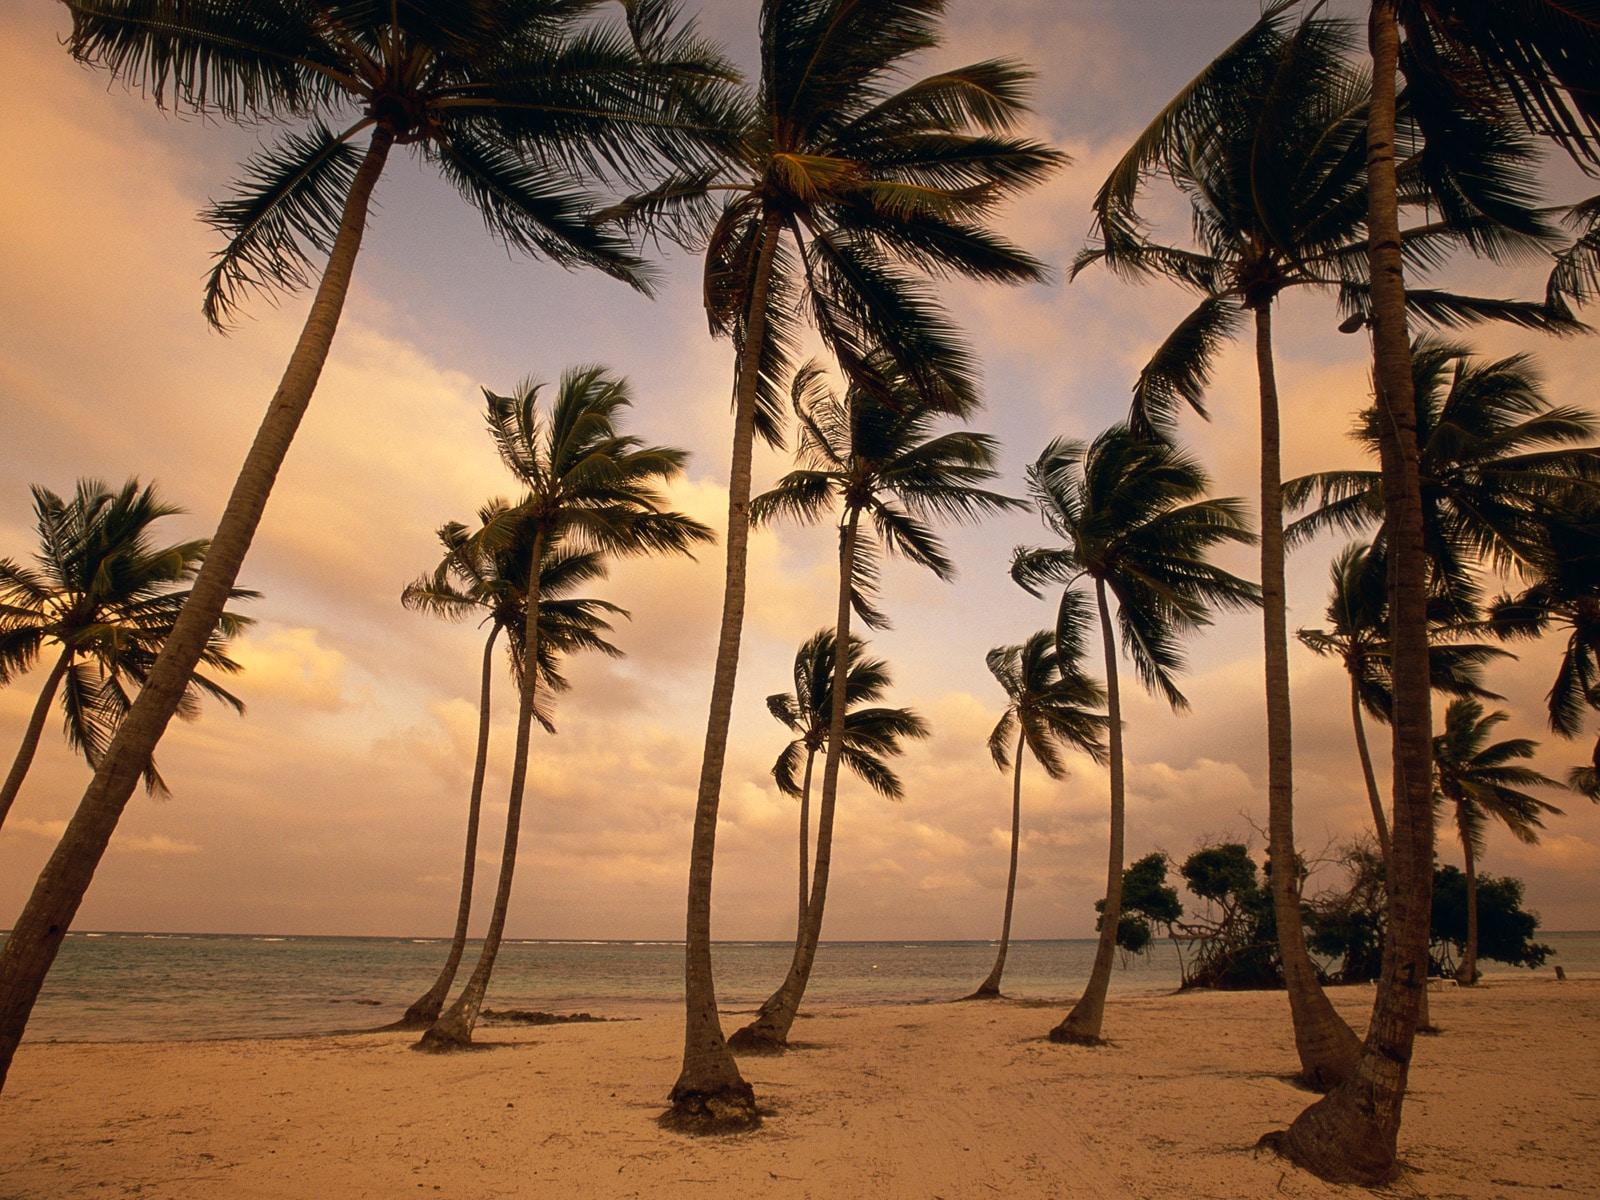 Peisajele exotice, motivul pentru care turiștii vizitează regiunea